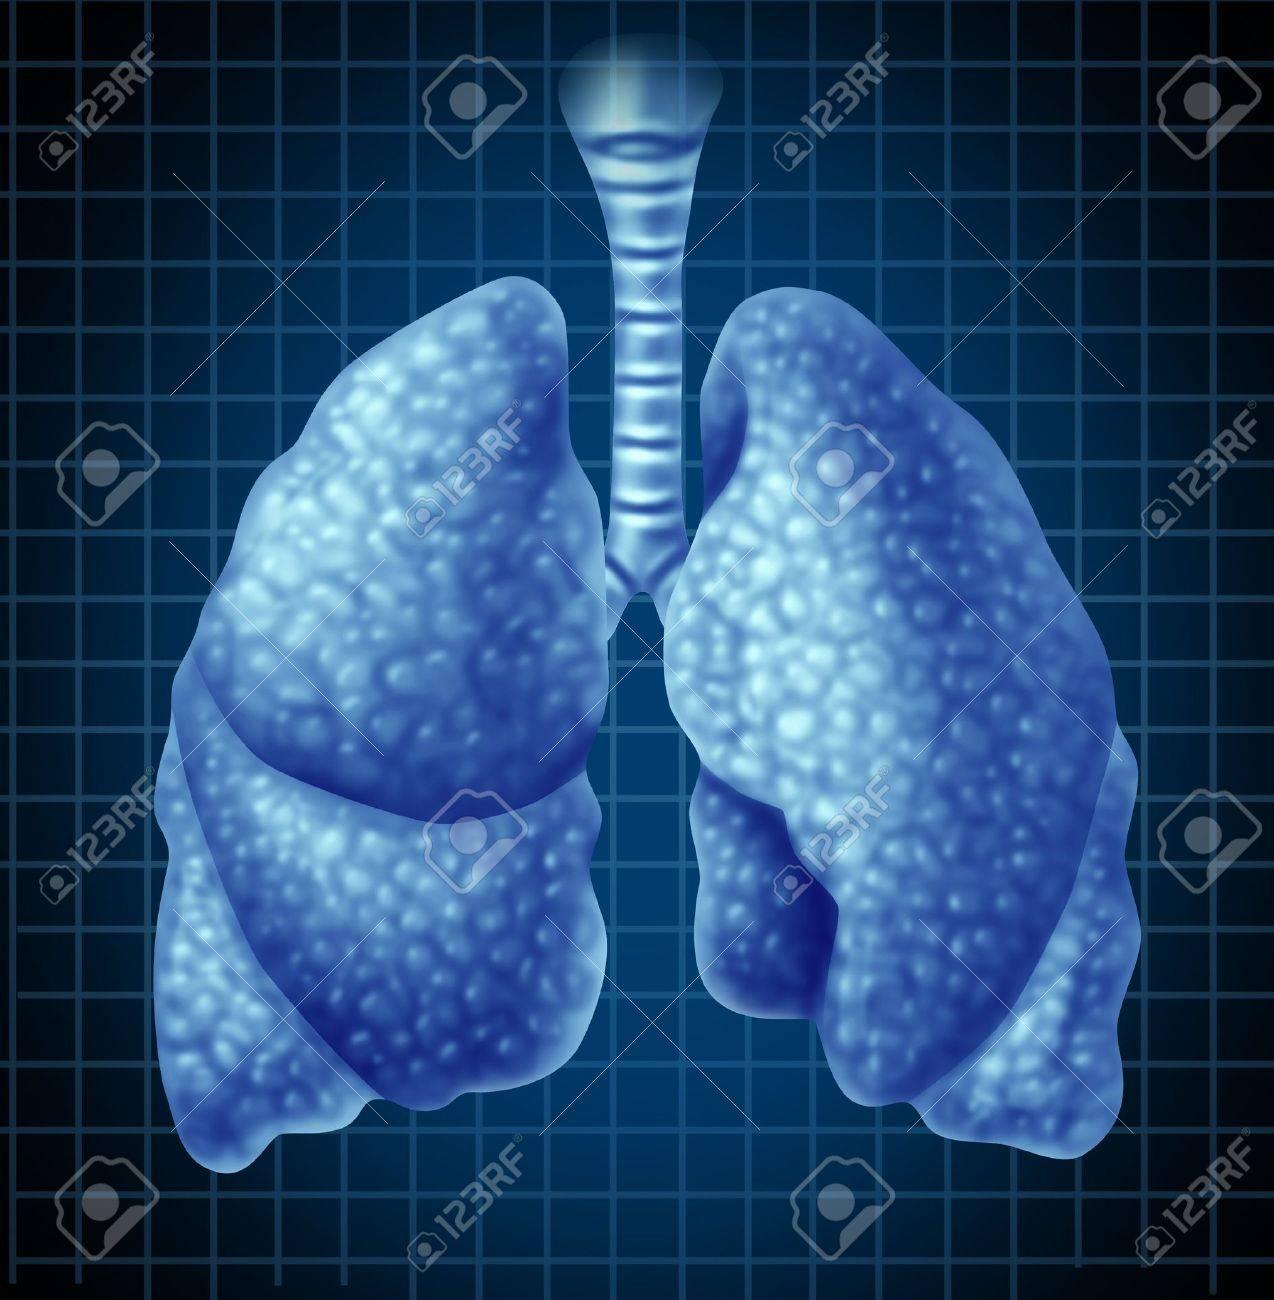 Rgano De Los Pulmones Humanos Como Un Símbolo De Salud Médica Que ...